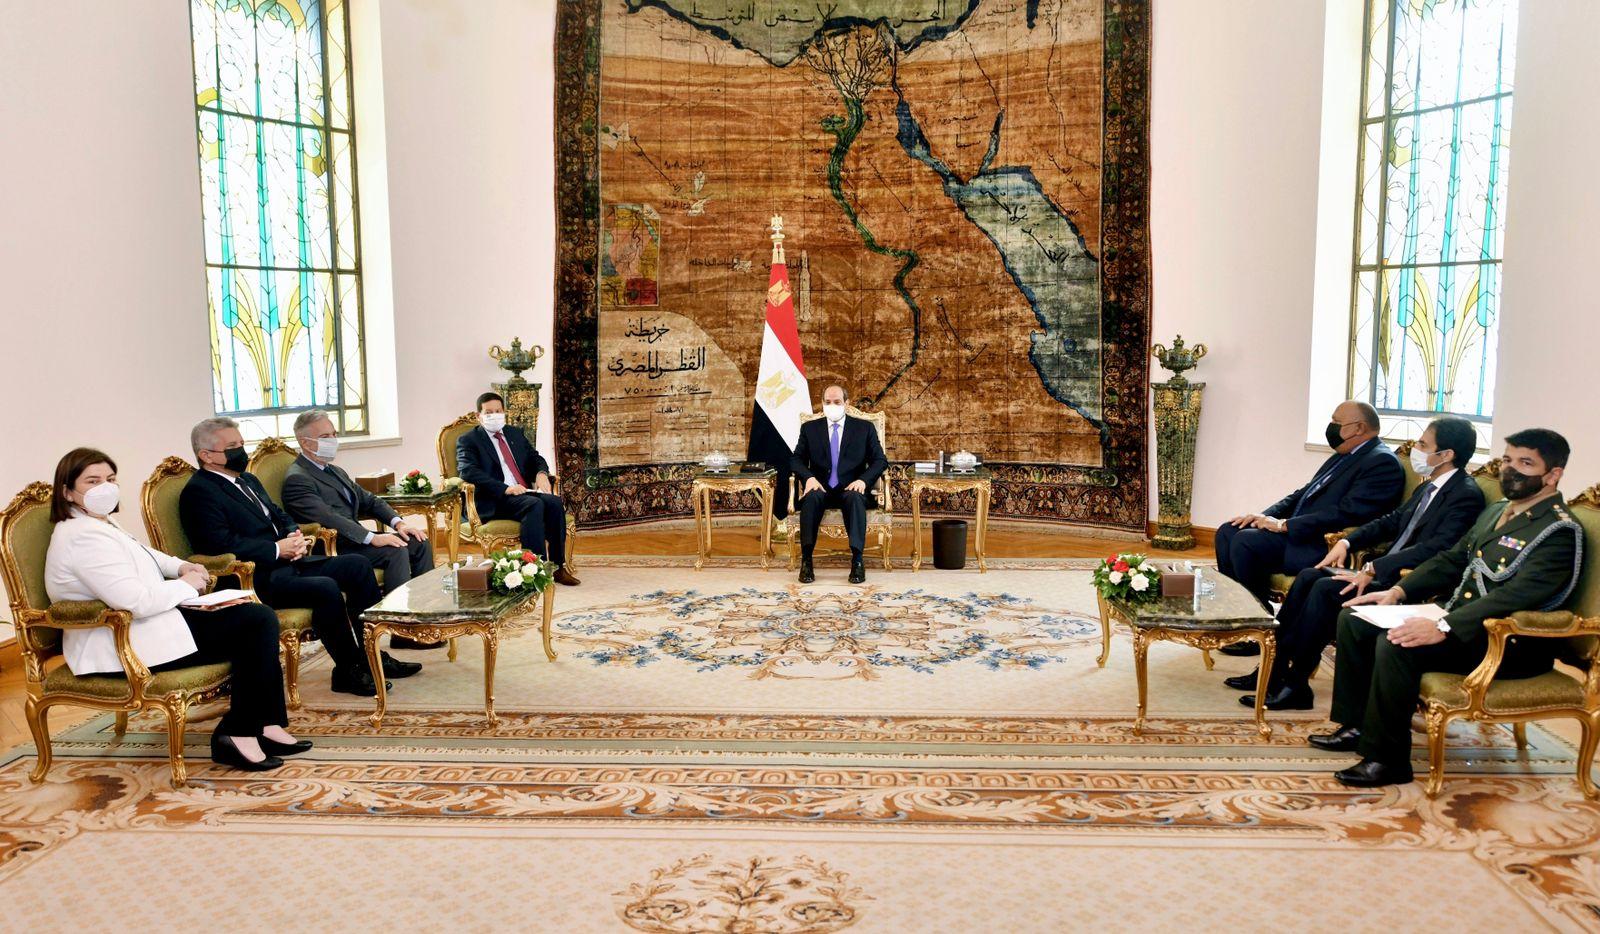 نائب الرئيس البرازيلي يشيد بما حققته مصر خلال السنوات الماضية على صعيد الإصلاح الاقتصادي